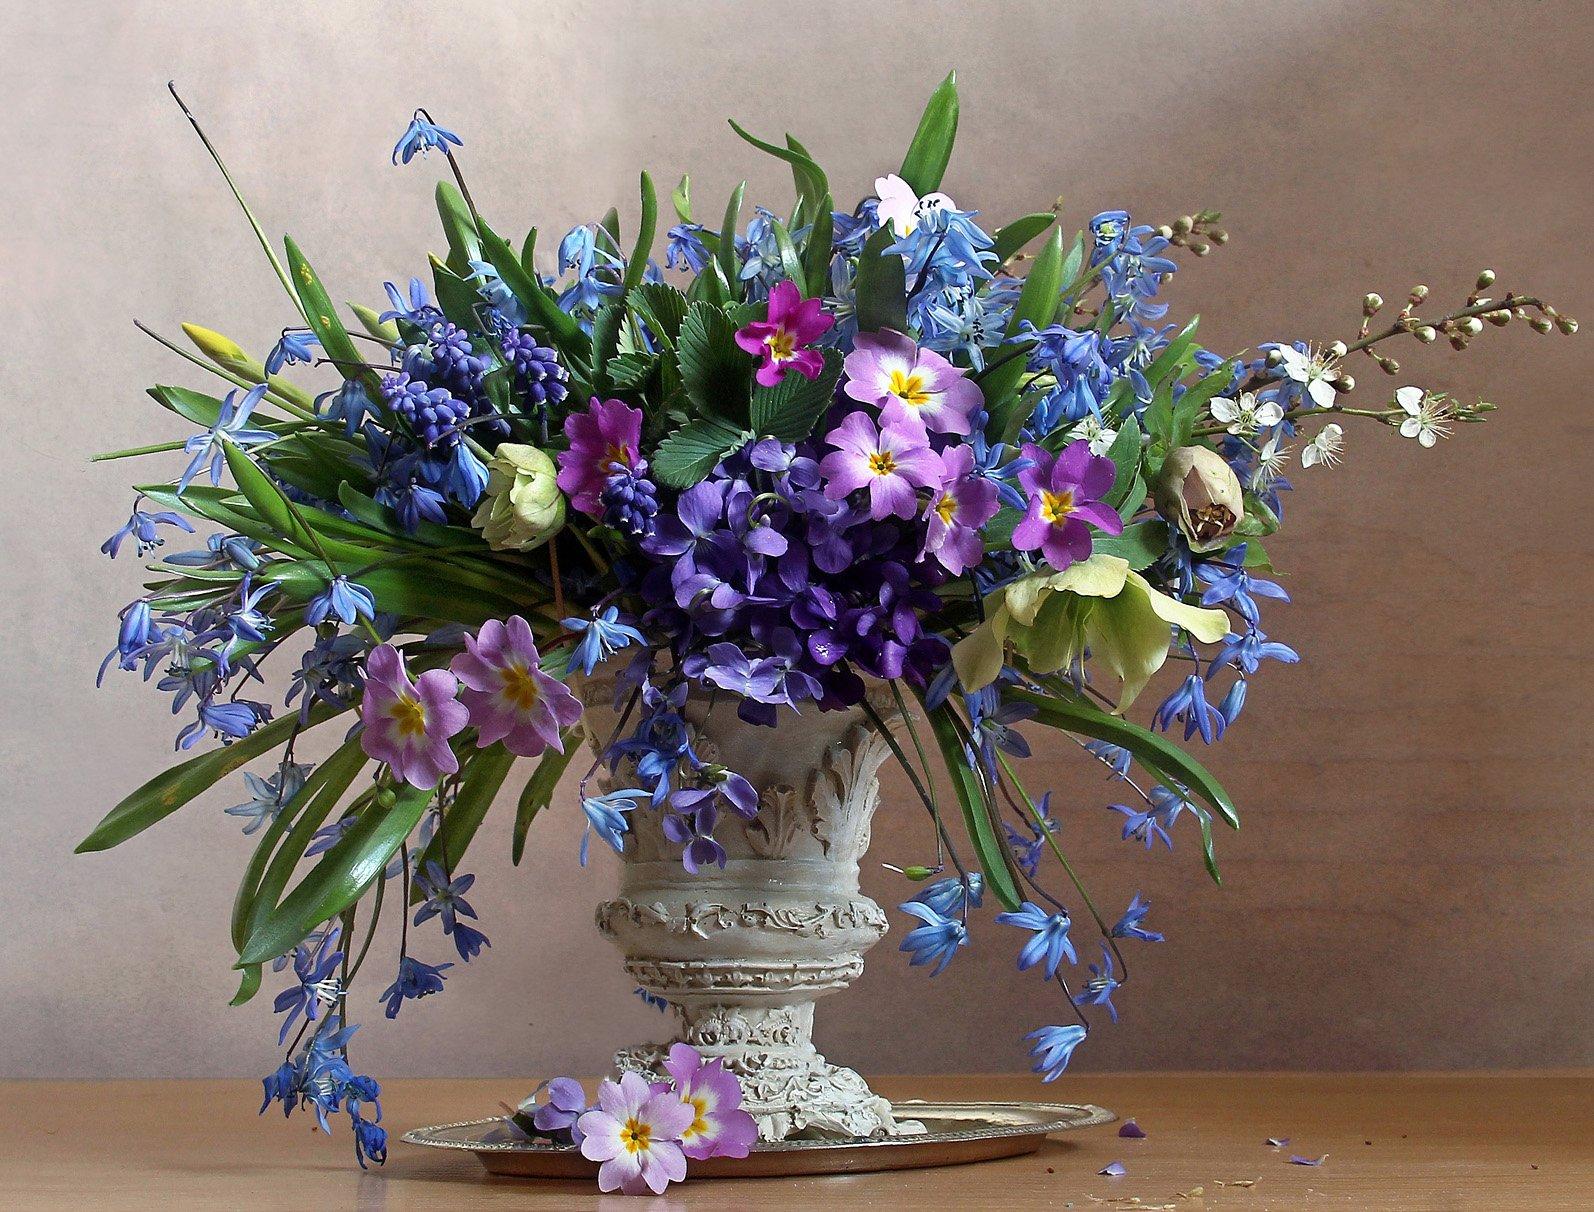 весна, натюрморт, букет цветов, первоцветы, марина филатова, Филатова Марина